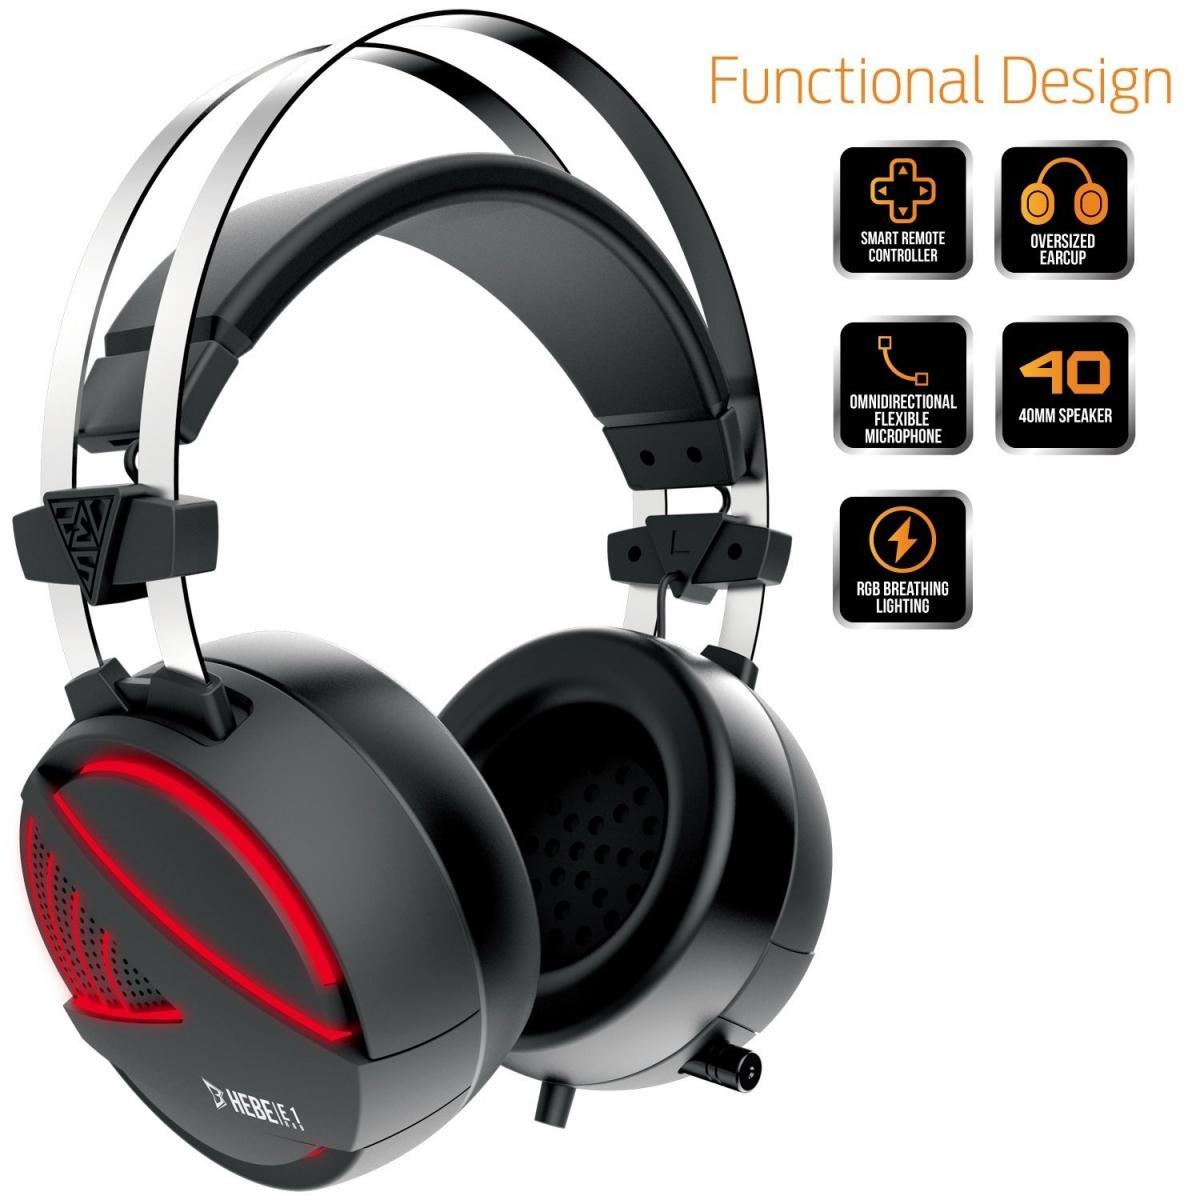 Lggamdiasnyx Buy At Best Price In Myanmar Www Hp Ear H2310 Navy Blue Headset Gamdias Hebe E1